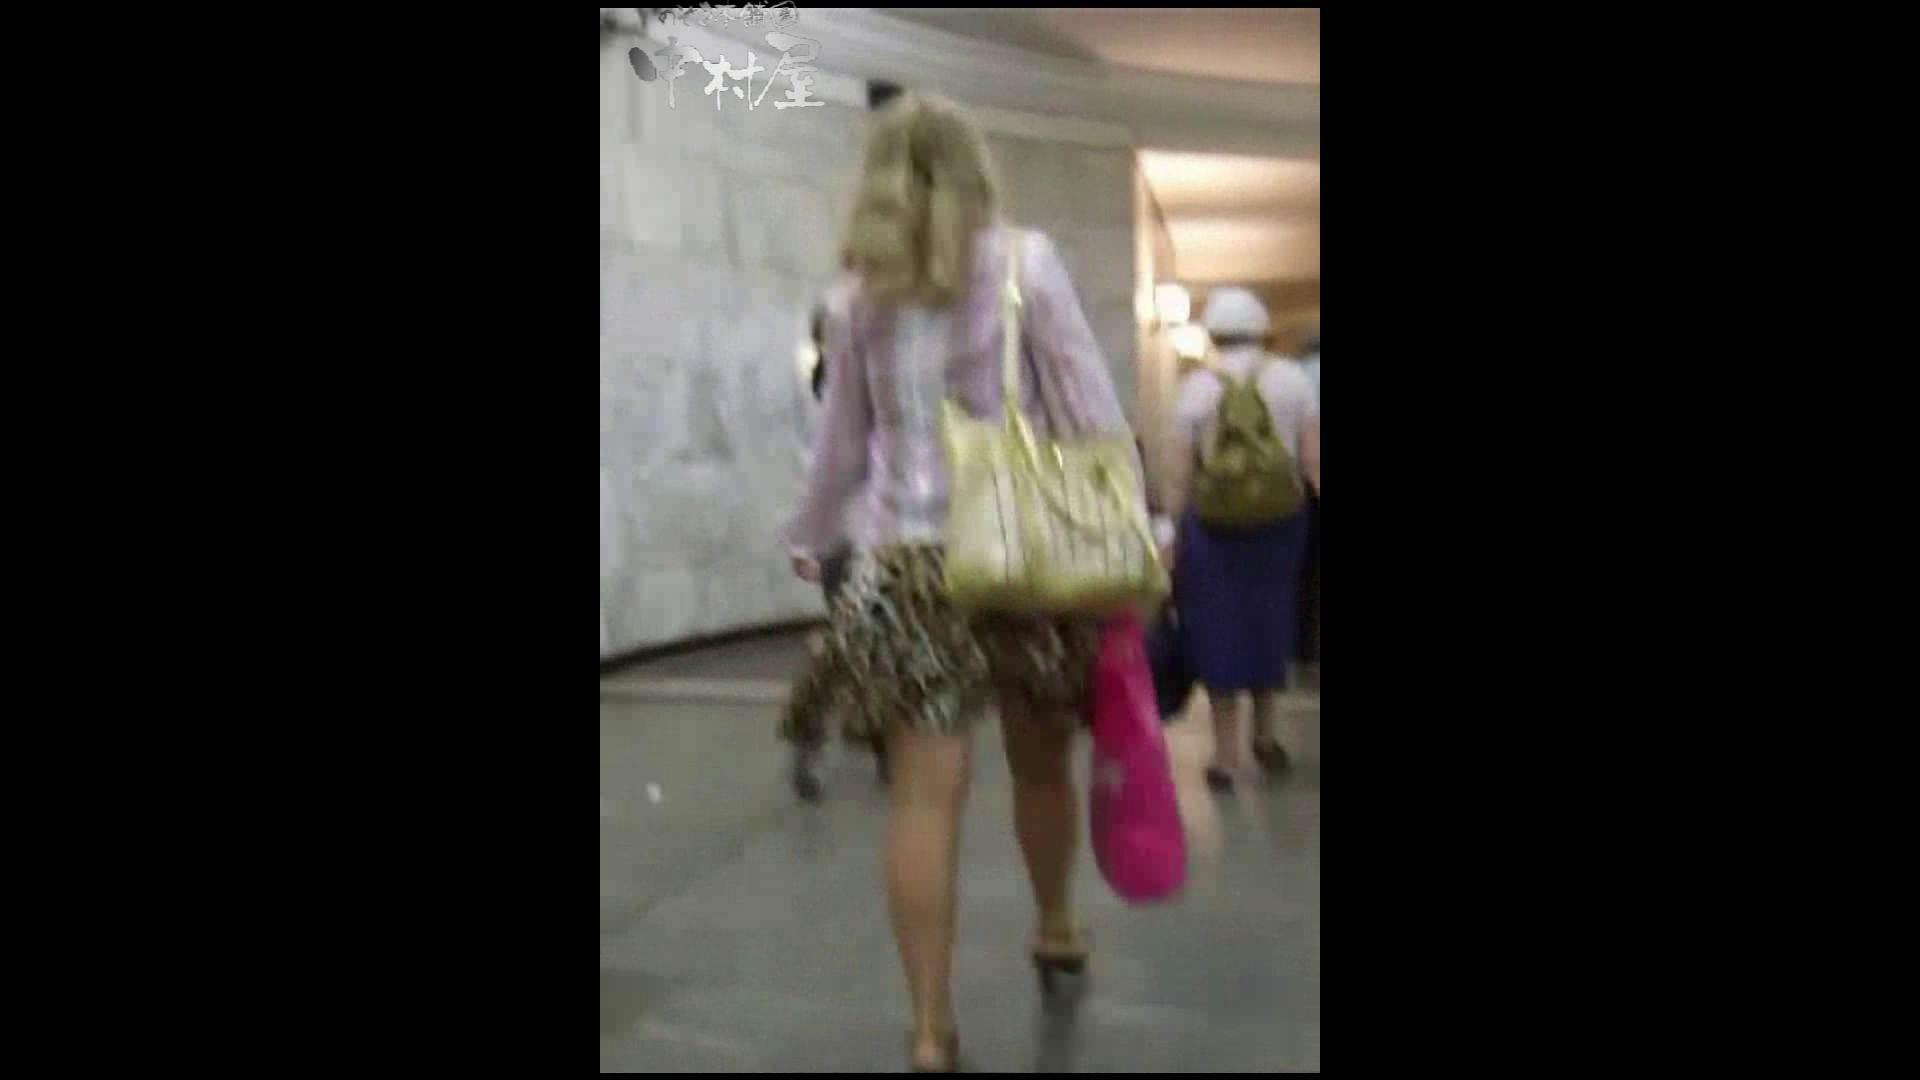 綺麗なモデルさんのスカート捲っちゃおう‼ vol07 Hなお姉さん   モデルヌード  57pic 10